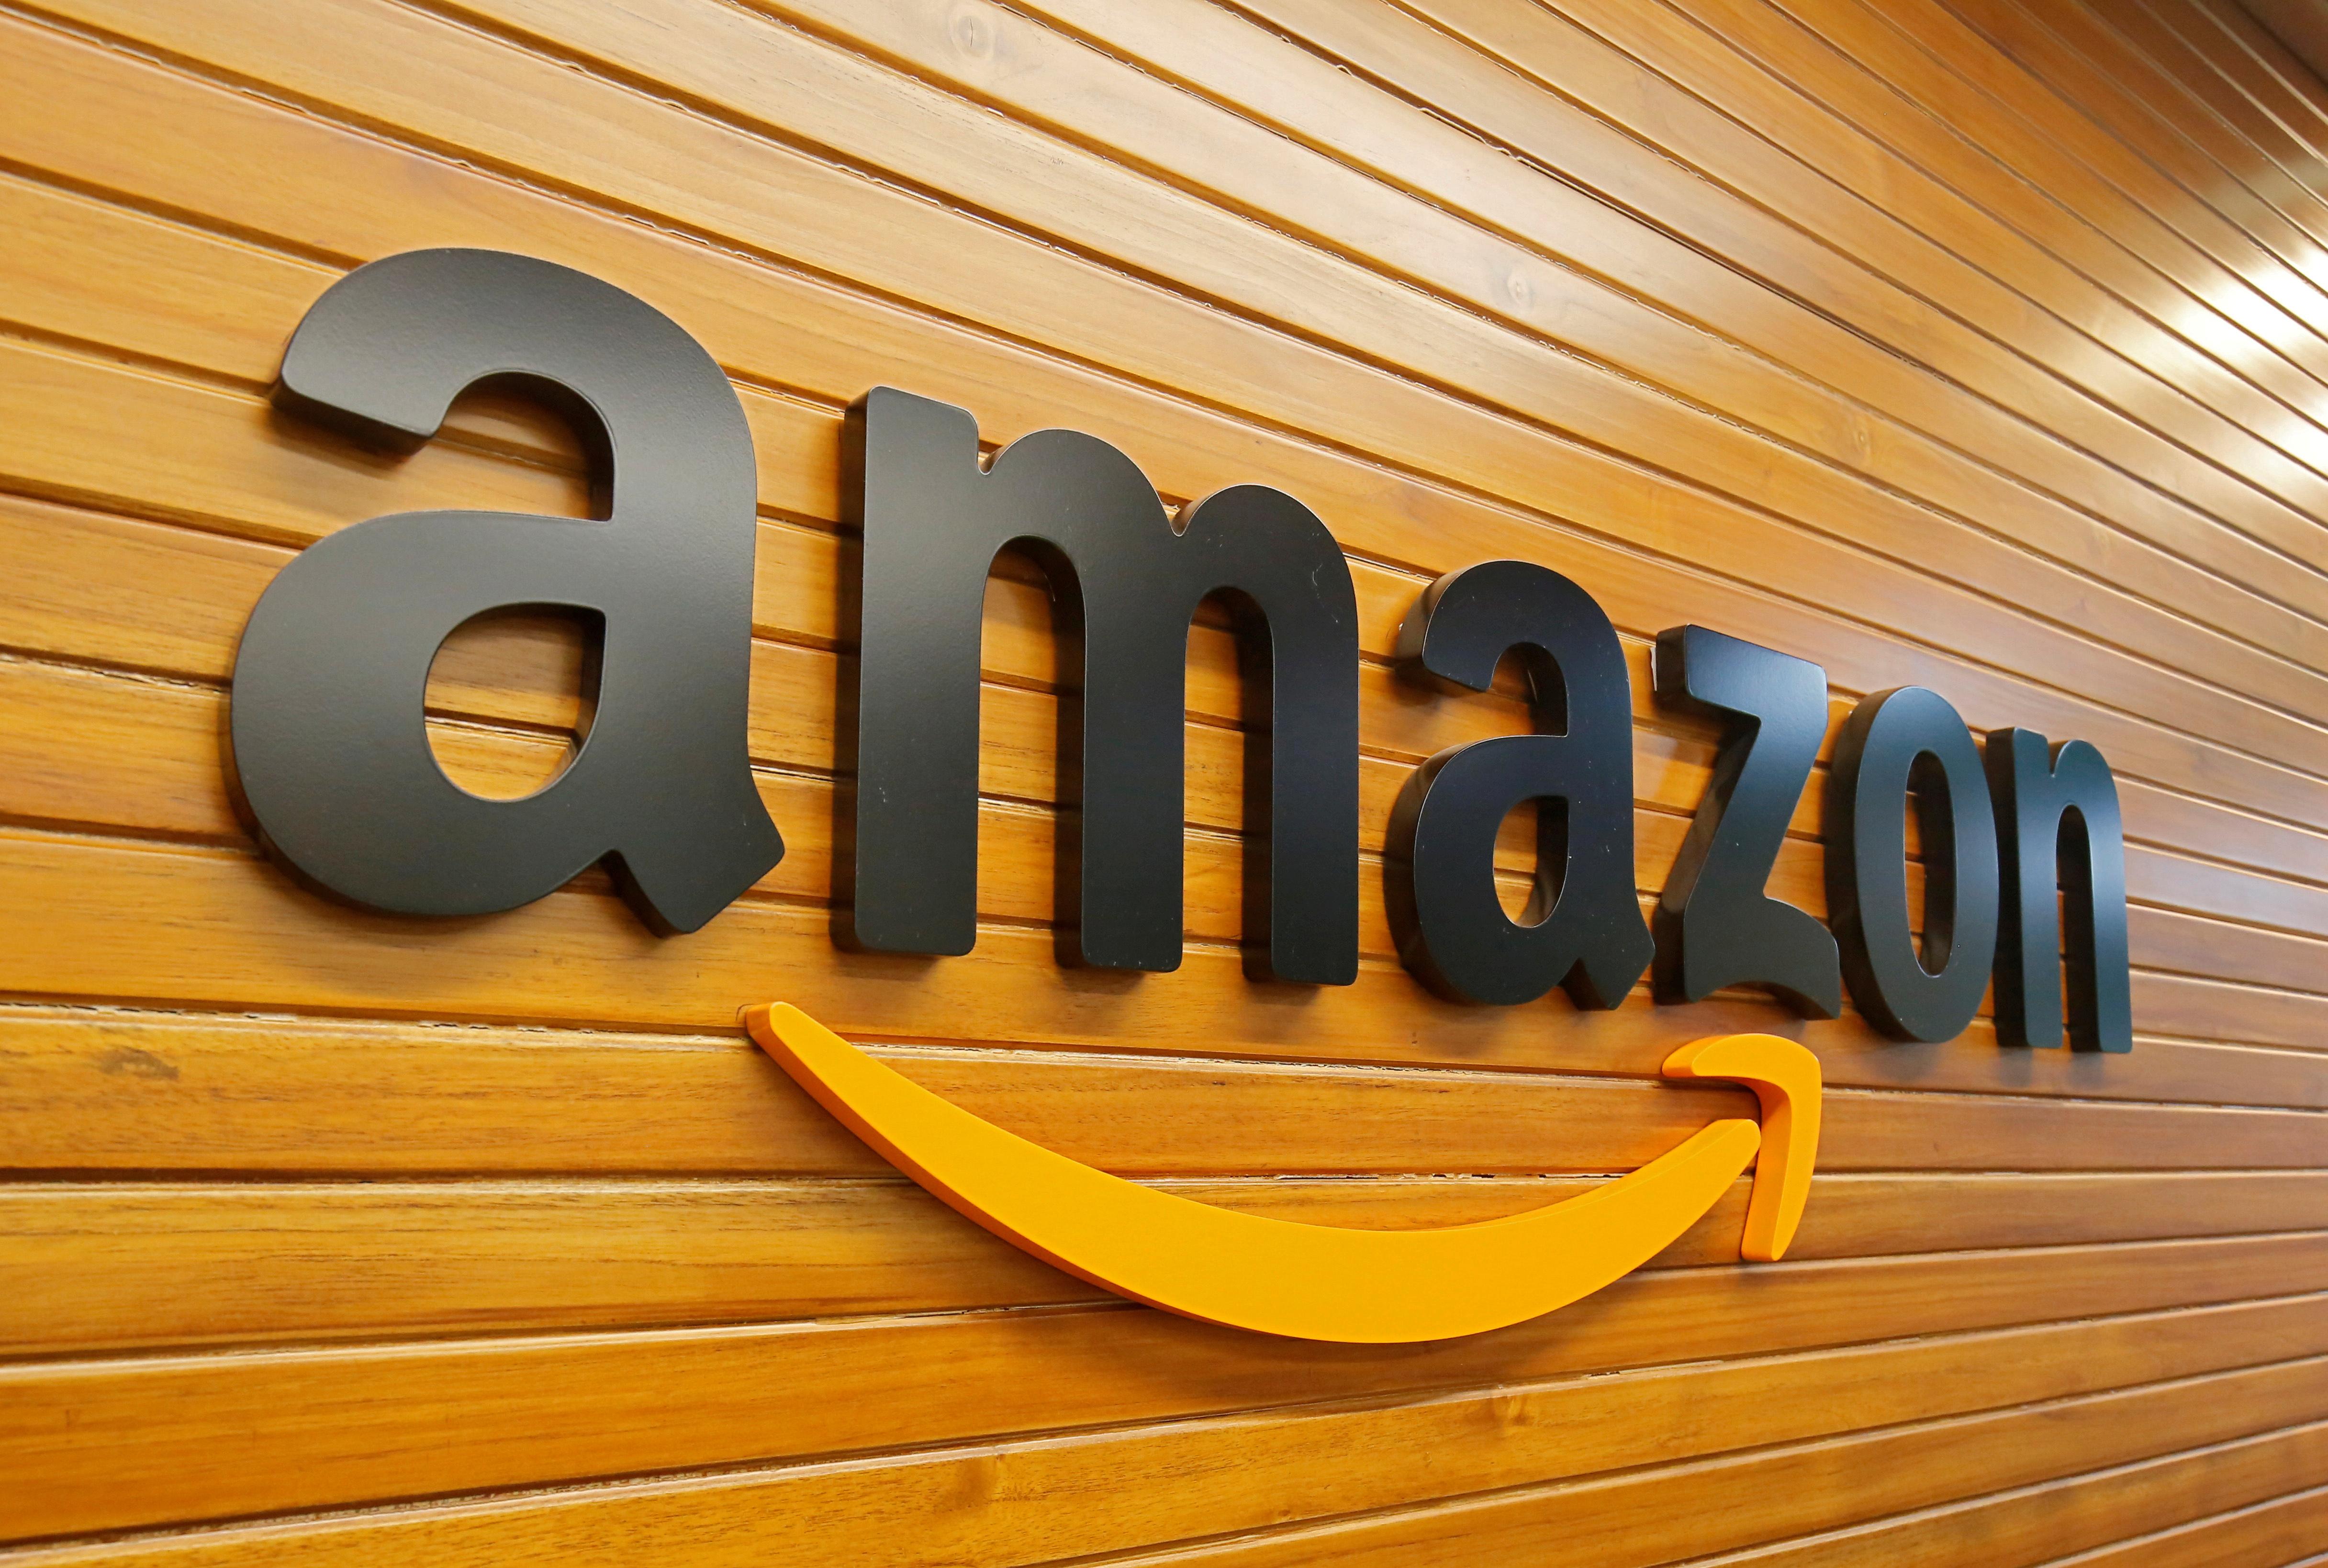 Etats-Unis : Amazon embauchera 315.000 employés d'ici les fêtes de Noël et augmente les salaires